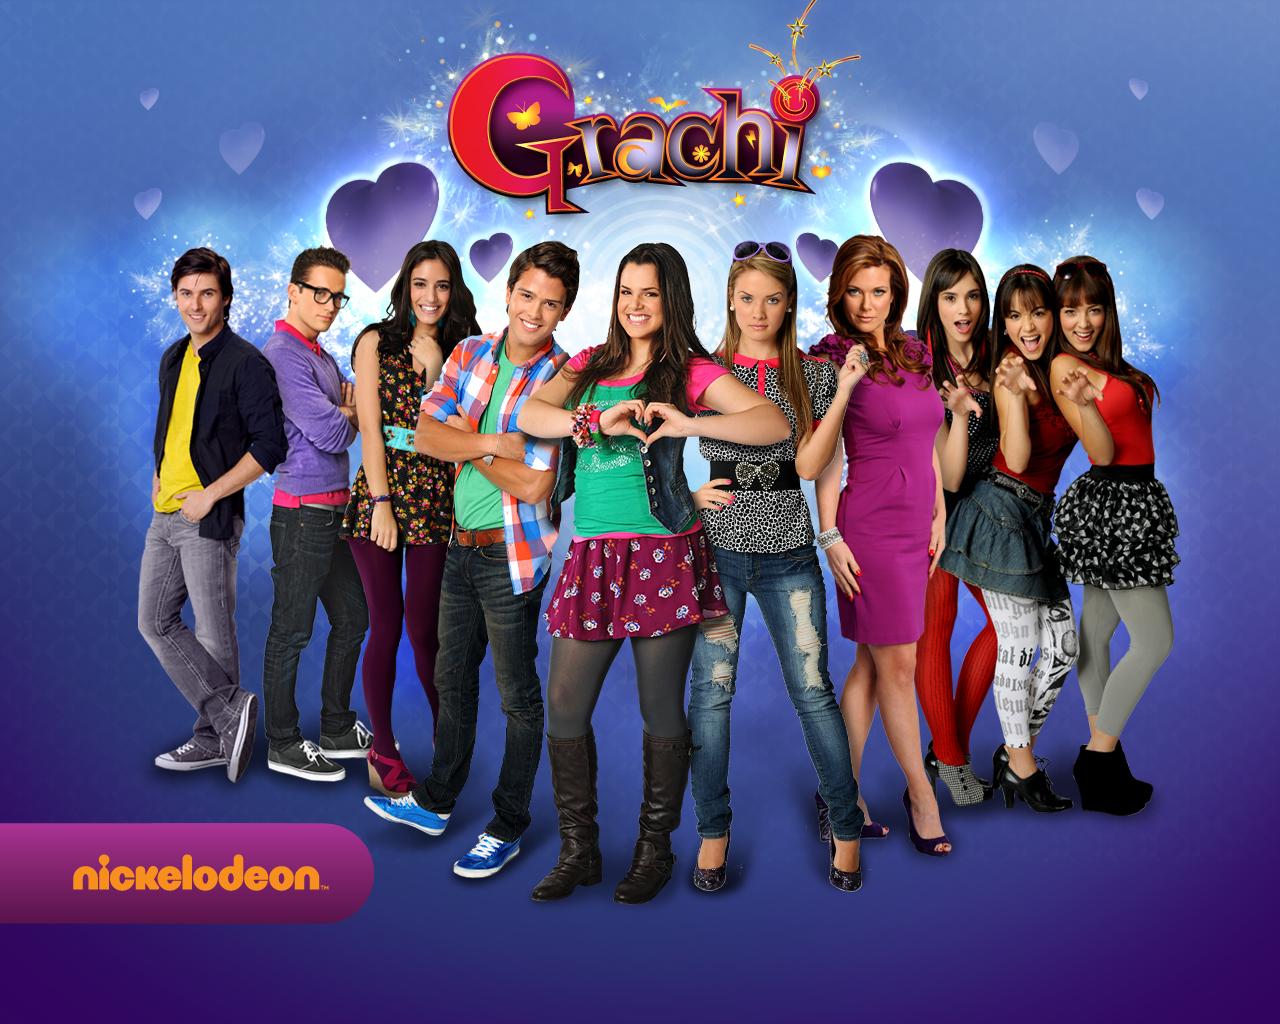 Nickelodeon, Inicio - Era Dorada - Fin